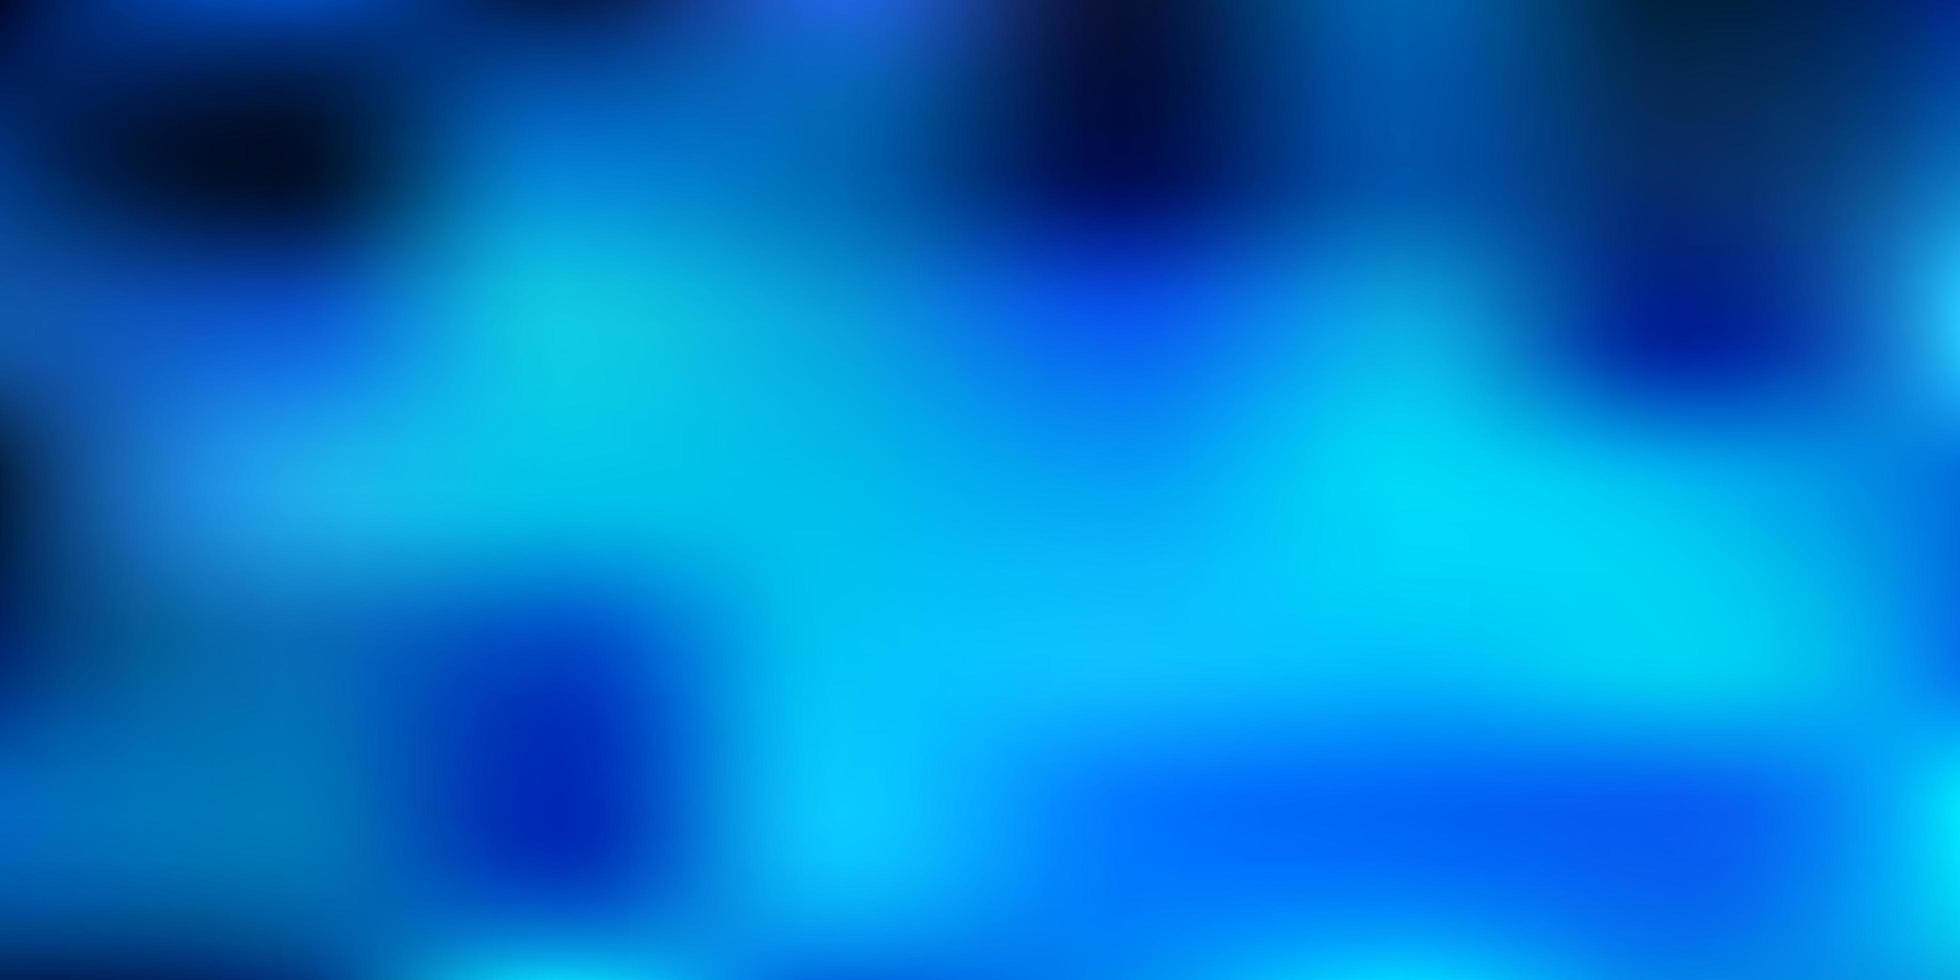 dunkelblaue Vektor abstrakte Unschärfe Vorlage.